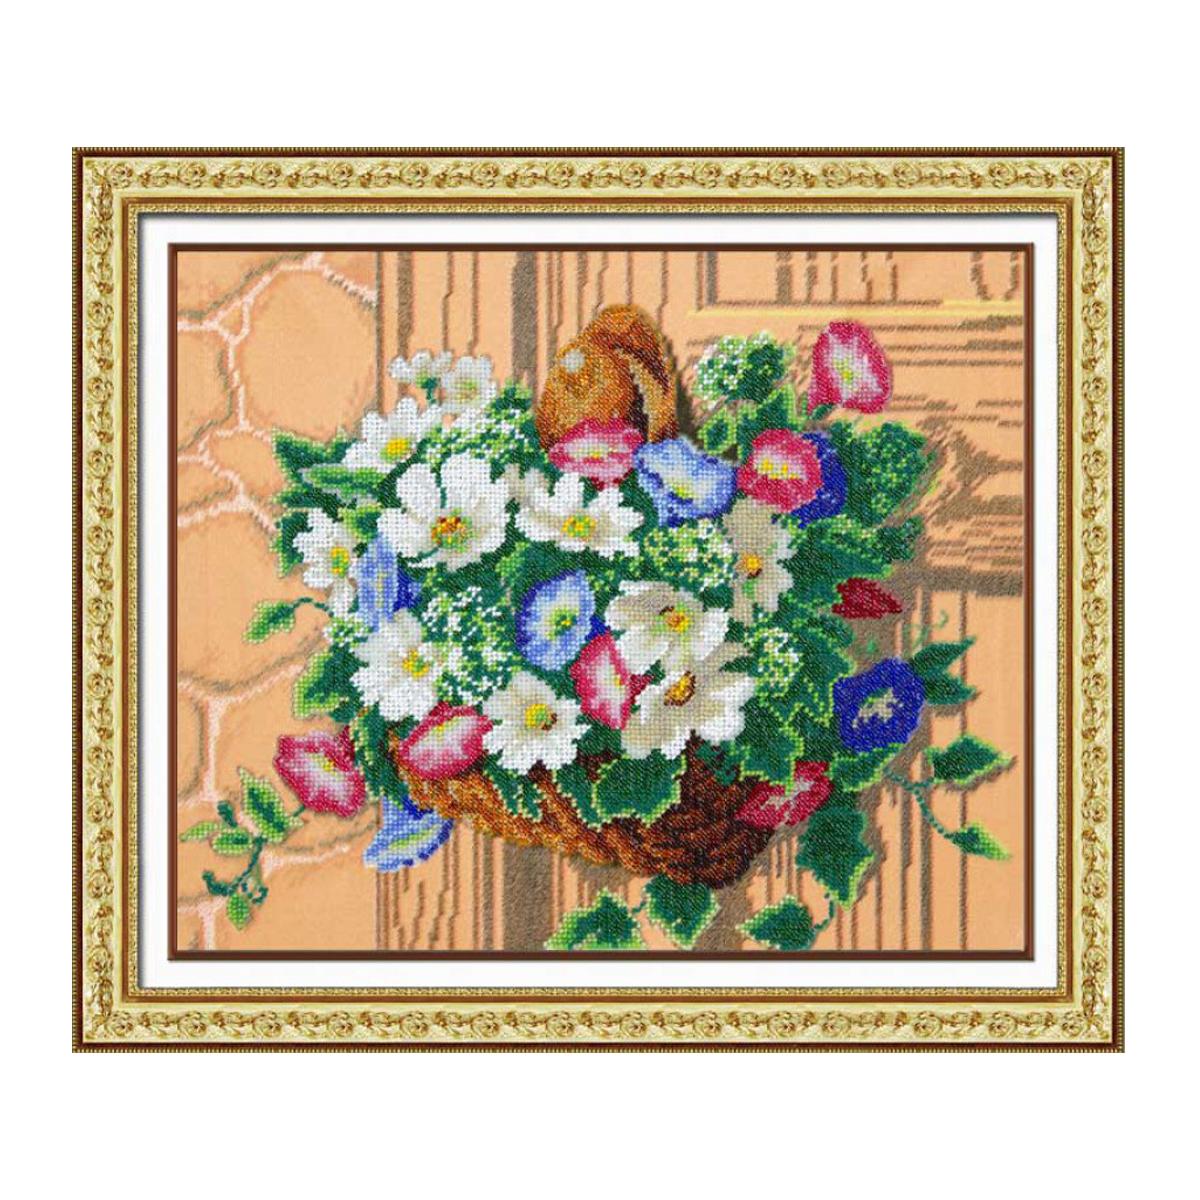 Набор для вышивания бисером Паутинка Корзинка вьюнков, 28 см х 34 см. Б1242581812Состав набора: бисер Чехия - 26 цветов, льняная ткань с нанесенным рисунком, бисерная игла, подробная инструкция.